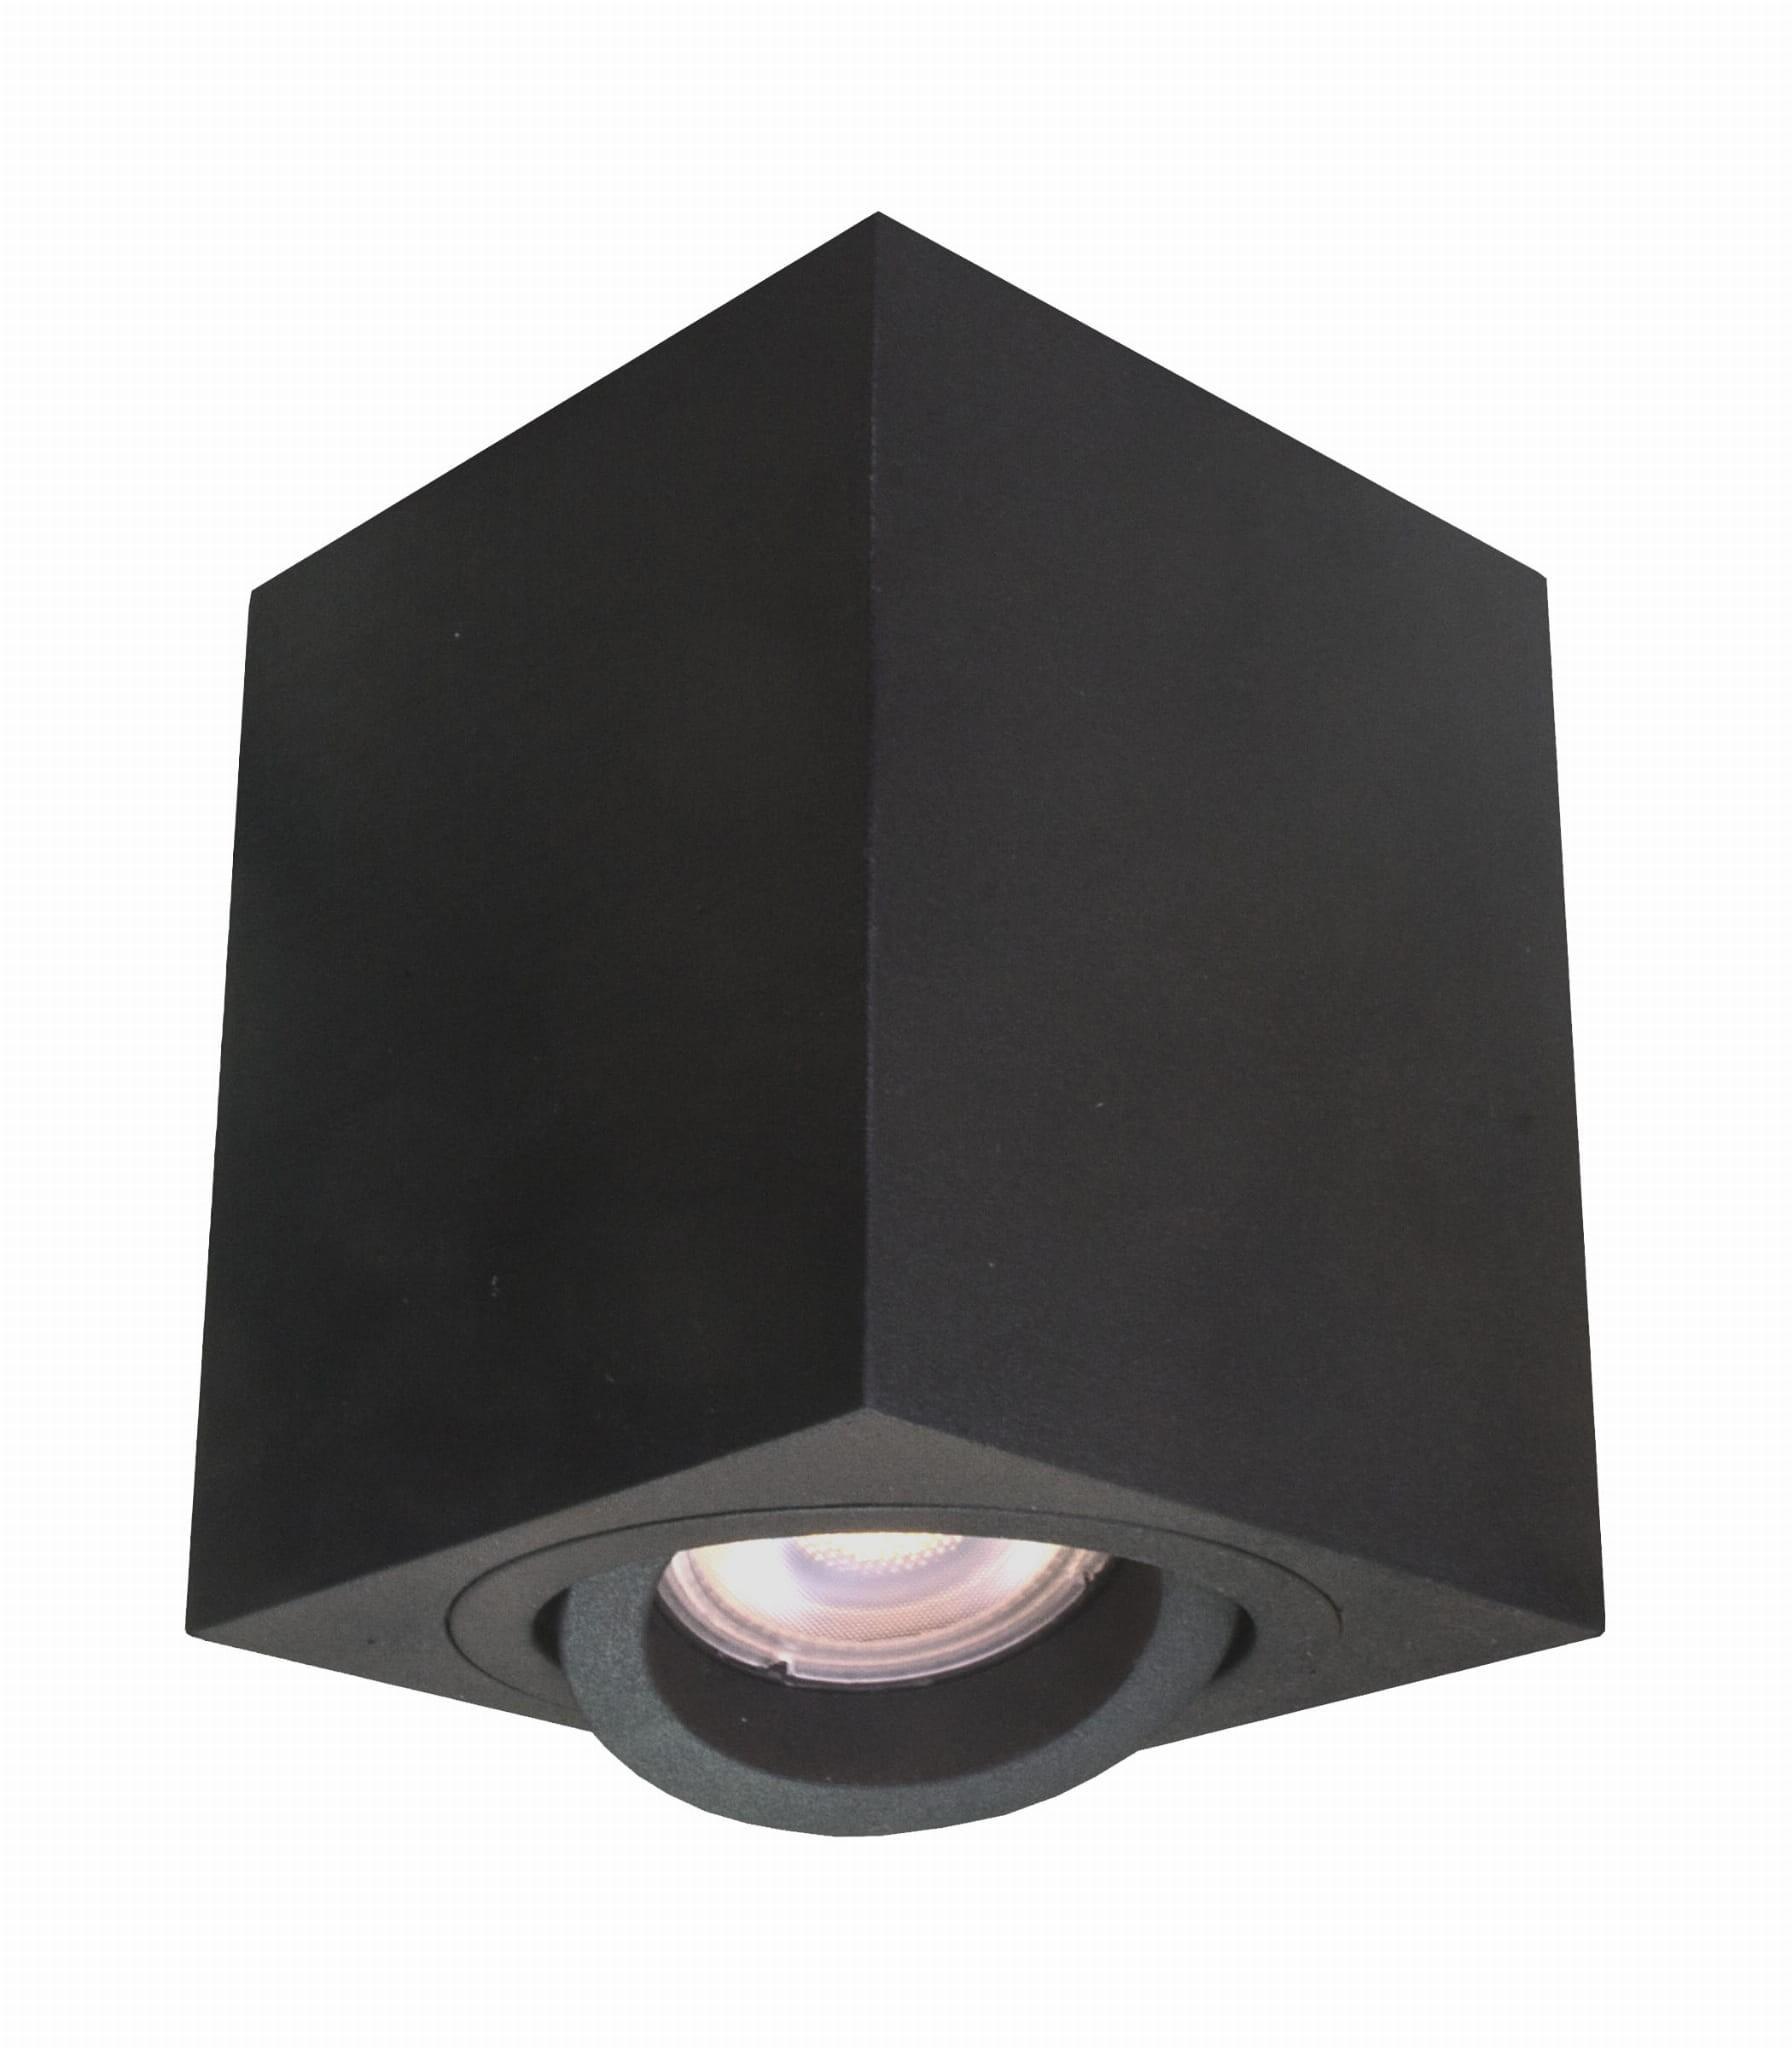 Downlight Lyon 1 natynkowy czarny LP-5881/1SM BK - Light Prestige Do -17% rabatu w koszyku i darmowa dostawa od 299zł !